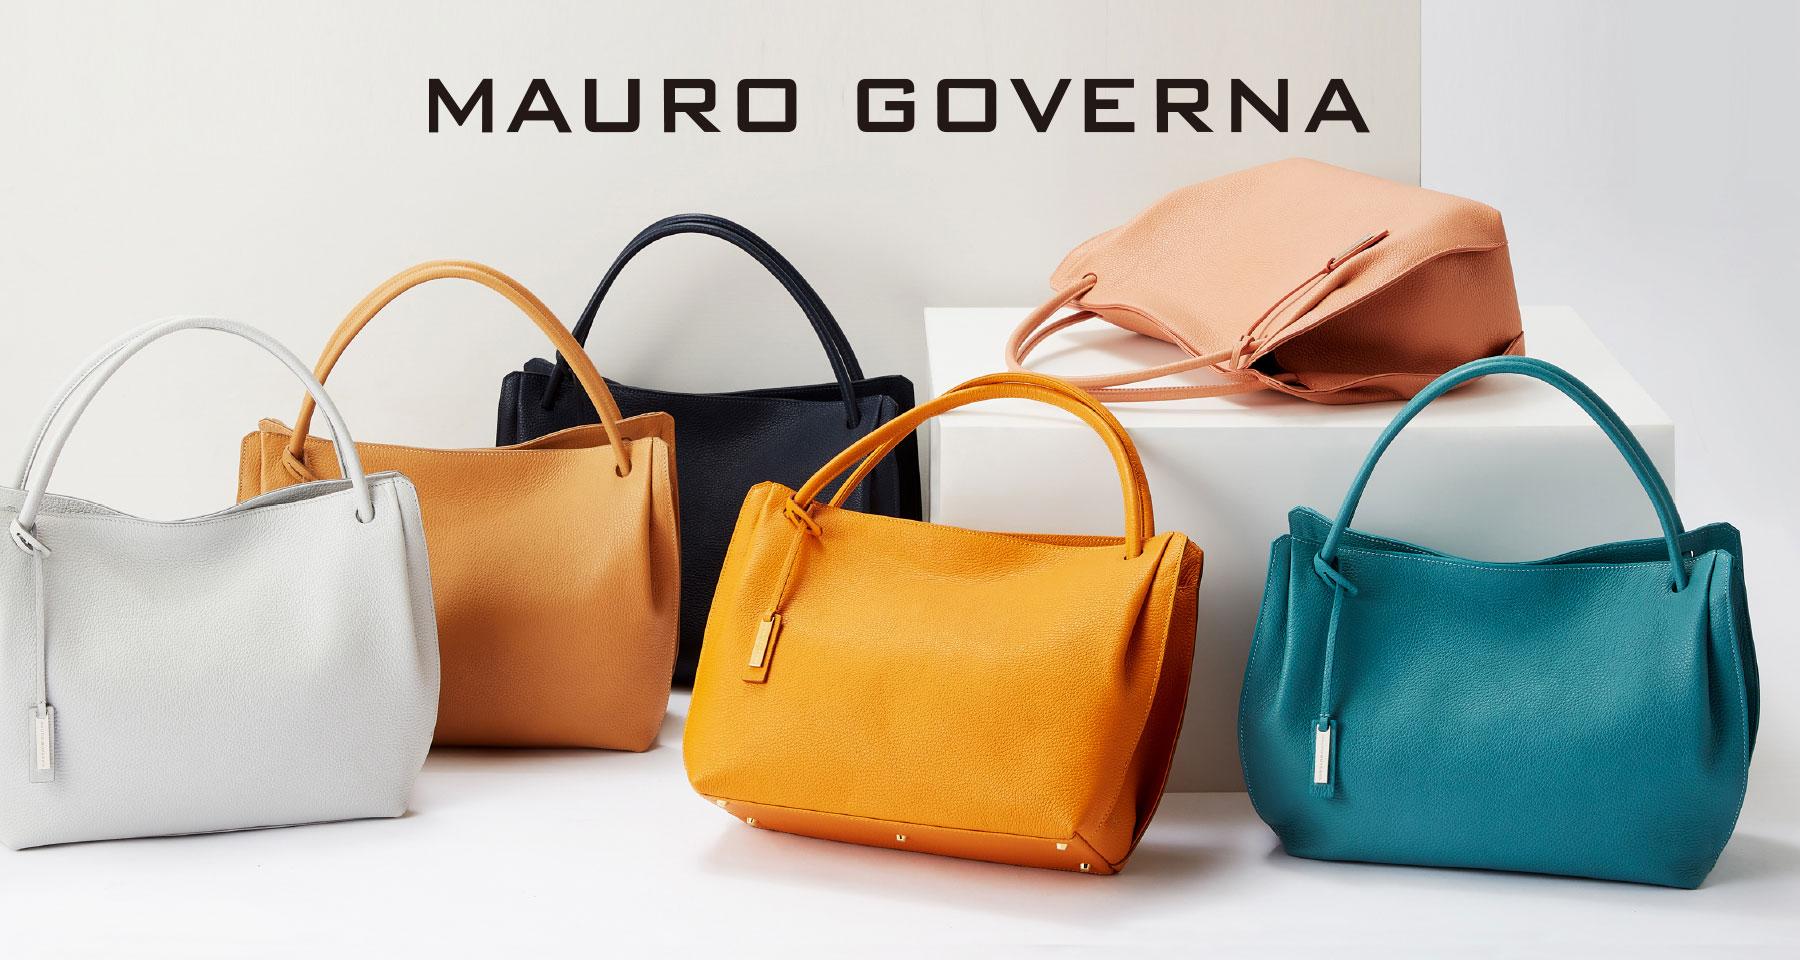 MAURO GOVERNA